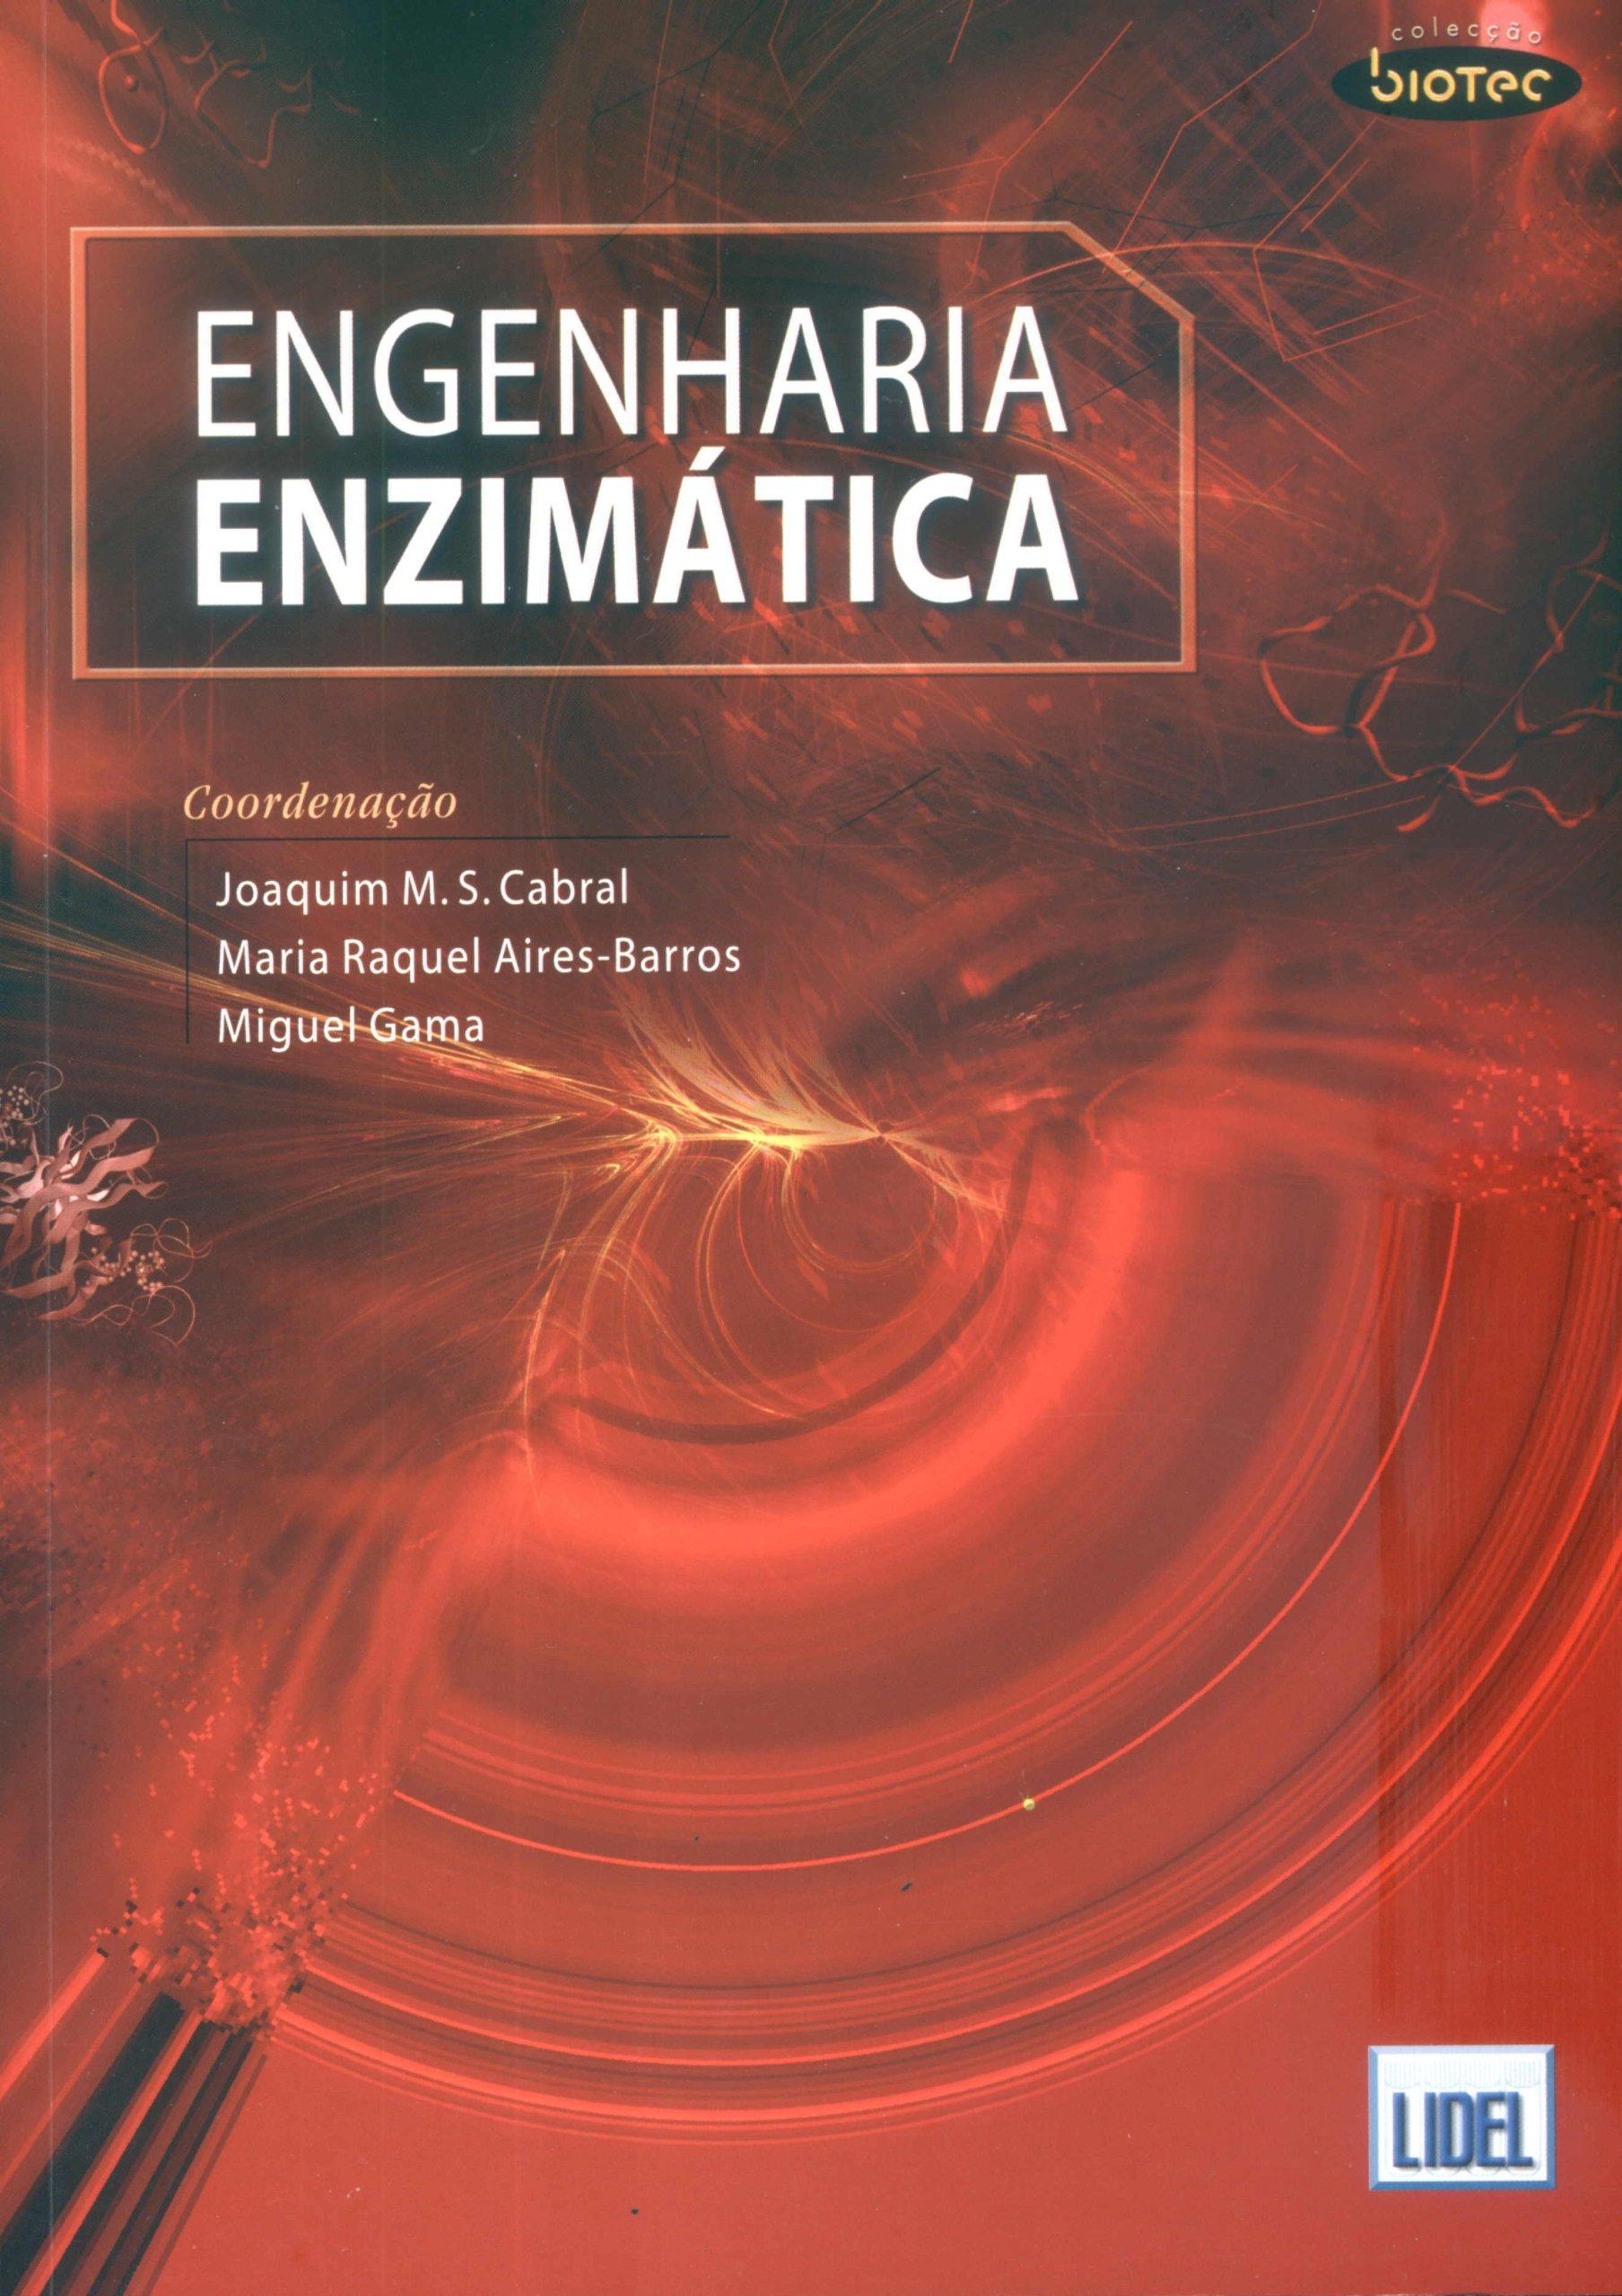 Engenharia Enzimática (Portuguese Edition): Joaquim M. S. ...